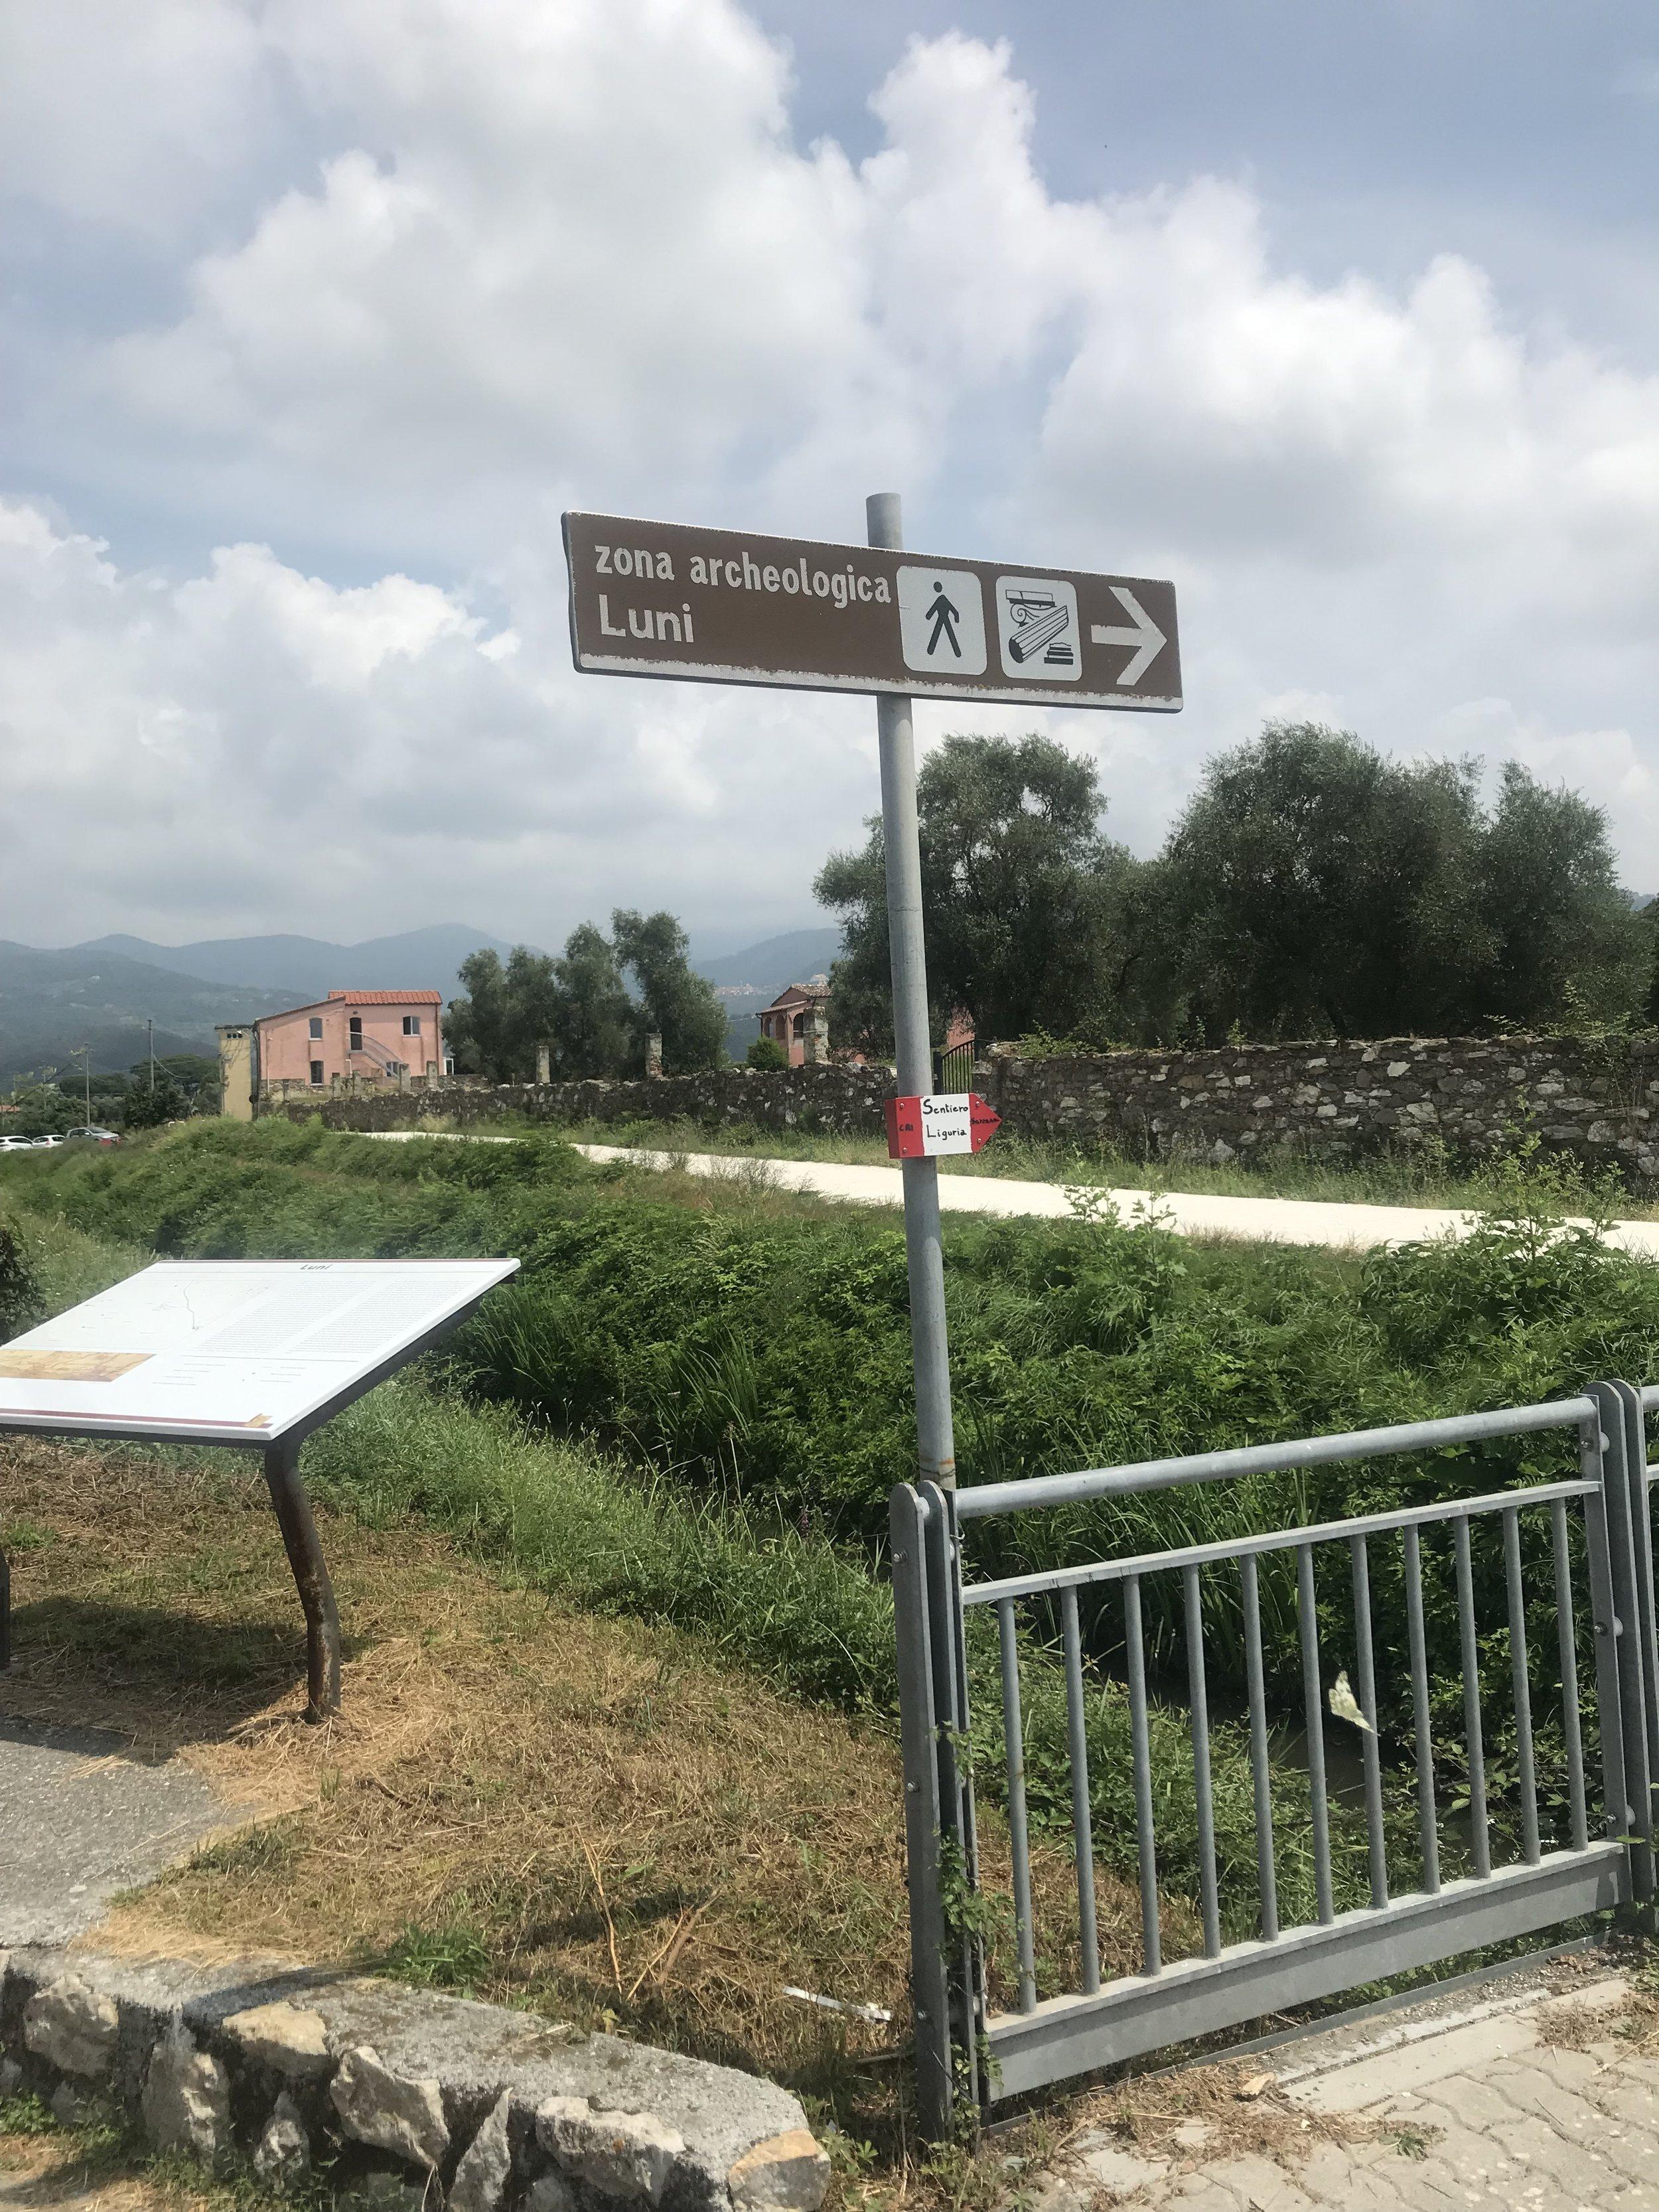 Luna's old Roman site (2019)